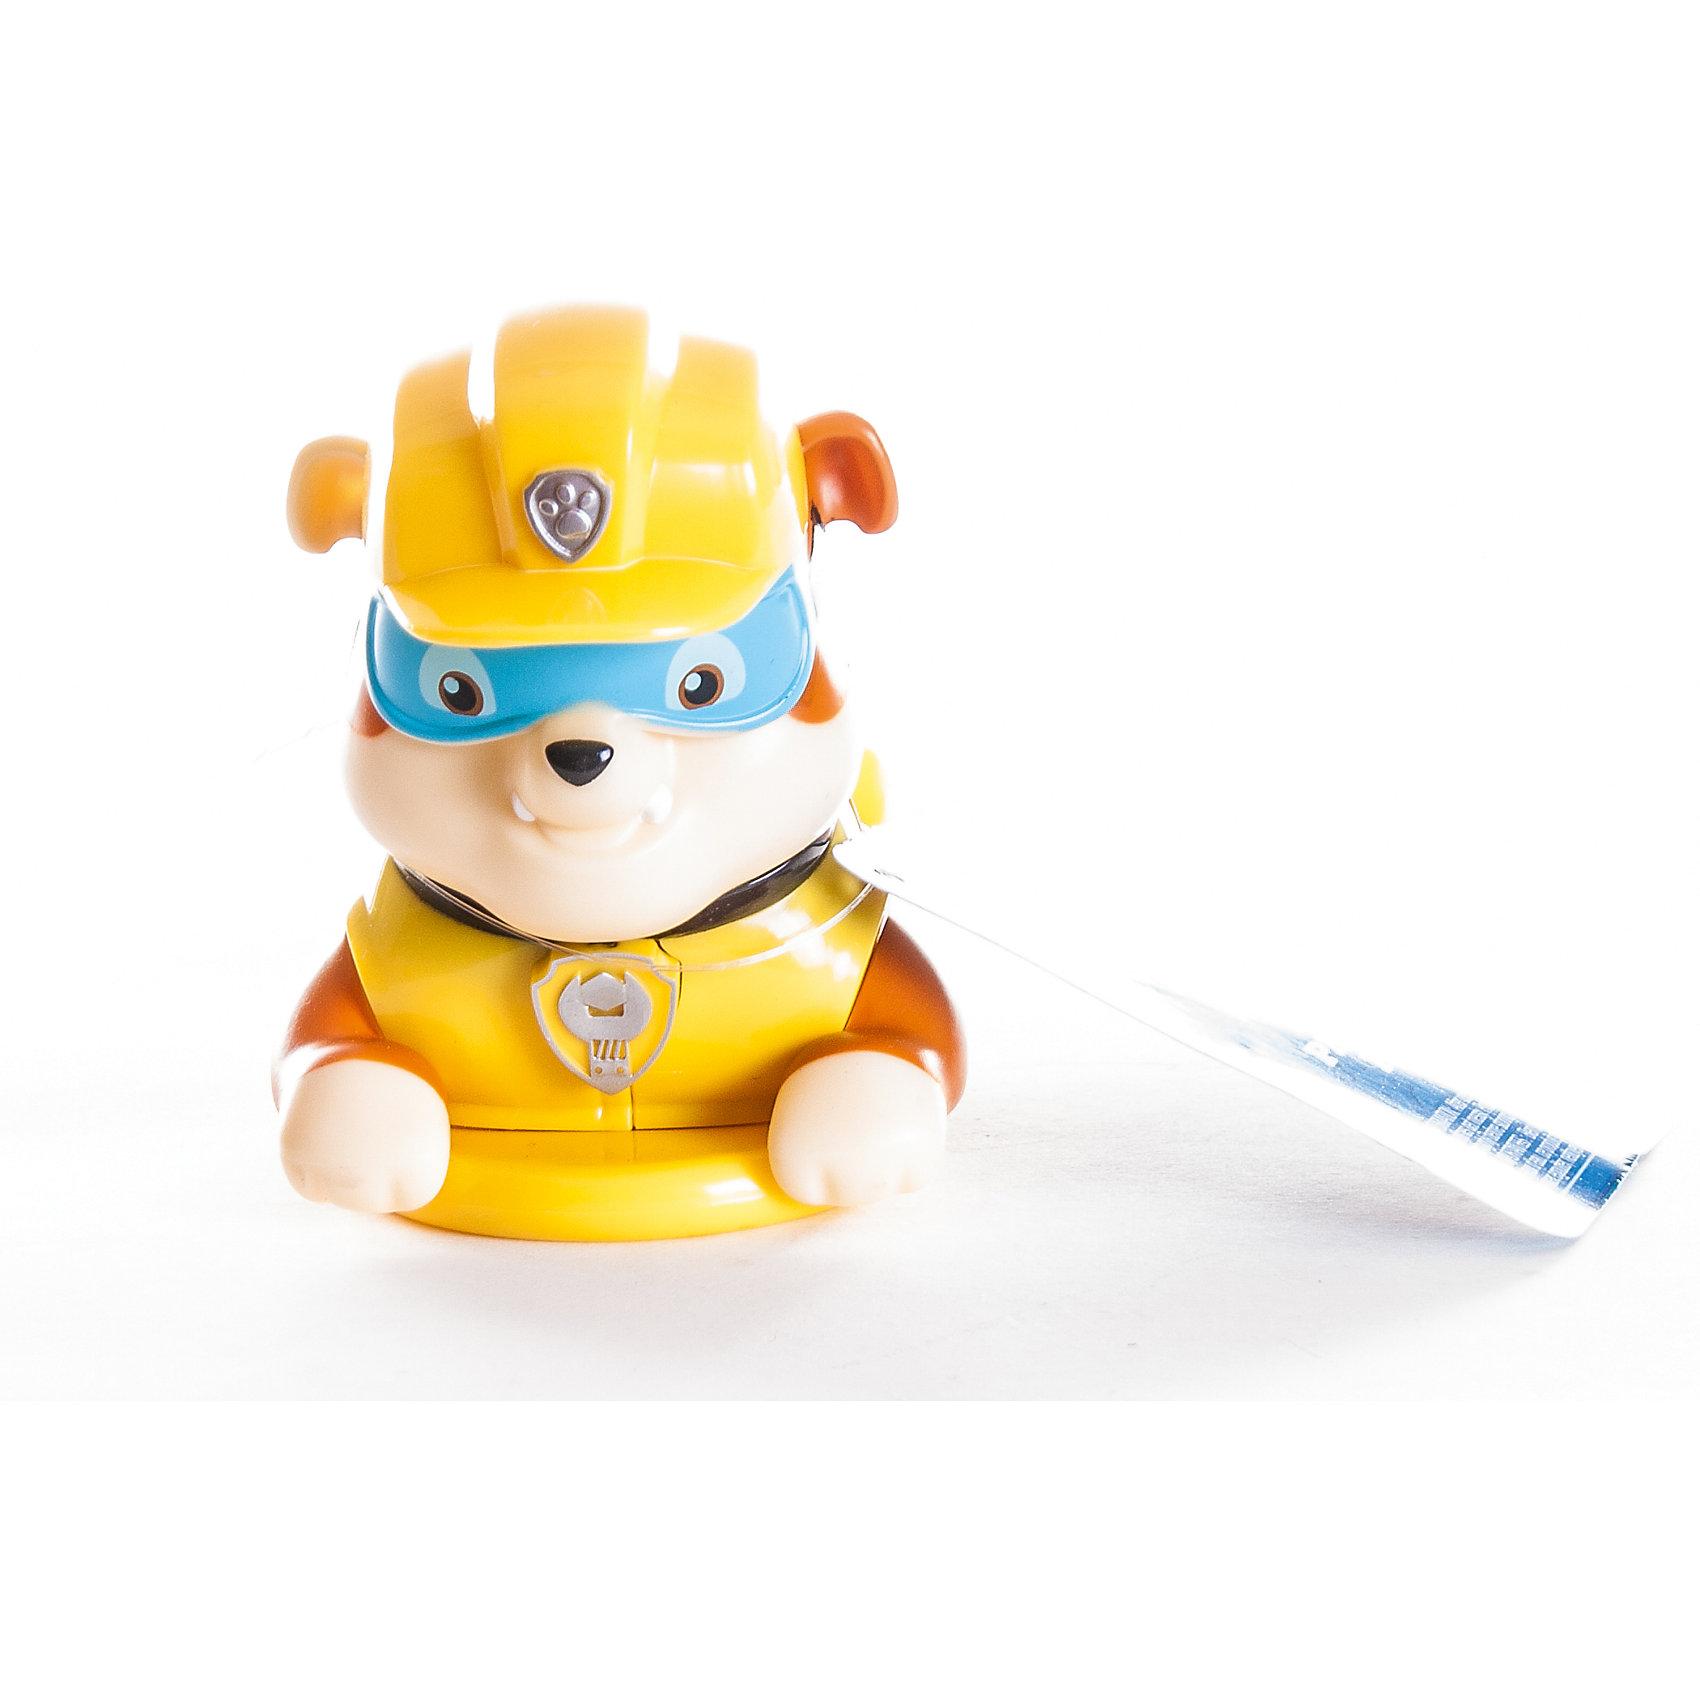 Игрушка для ванной заводная Крепыш, Щенячий патруль, Spin MasterДинамические игрушки<br>Характеристики товара:<br><br>• материал: пластик<br>• вес: 180 г<br>• высота игрушки:10 см<br>• длина игрушки: 14 см<br>• размер упаковки: 13х6х8 см<br>• хорошая детализация<br>• заводной механизм<br>• краски и материал не портятся от воды<br>• возраст: от 2 лет<br>• страна бренда: Канада<br><br>Такая фигурка станет отличным подарком для маленького любителя мультфильма «Щенячий патруль». Она отлично проработана, а с помощью заводного механизма щенок забавно плавает в ванной. <br><br>Игрушку для ванной заводная Крепыш, Щенячий патруль, от бренда Spin Master можно купить в нашем интернет-магазине.<br><br>Ширина мм: 130<br>Глубина мм: 60<br>Высота мм: 80<br>Вес г: 183<br>Возраст от месяцев: 36<br>Возраст до месяцев: 84<br>Пол: Унисекс<br>Возраст: Детский<br>SKU: 5471890